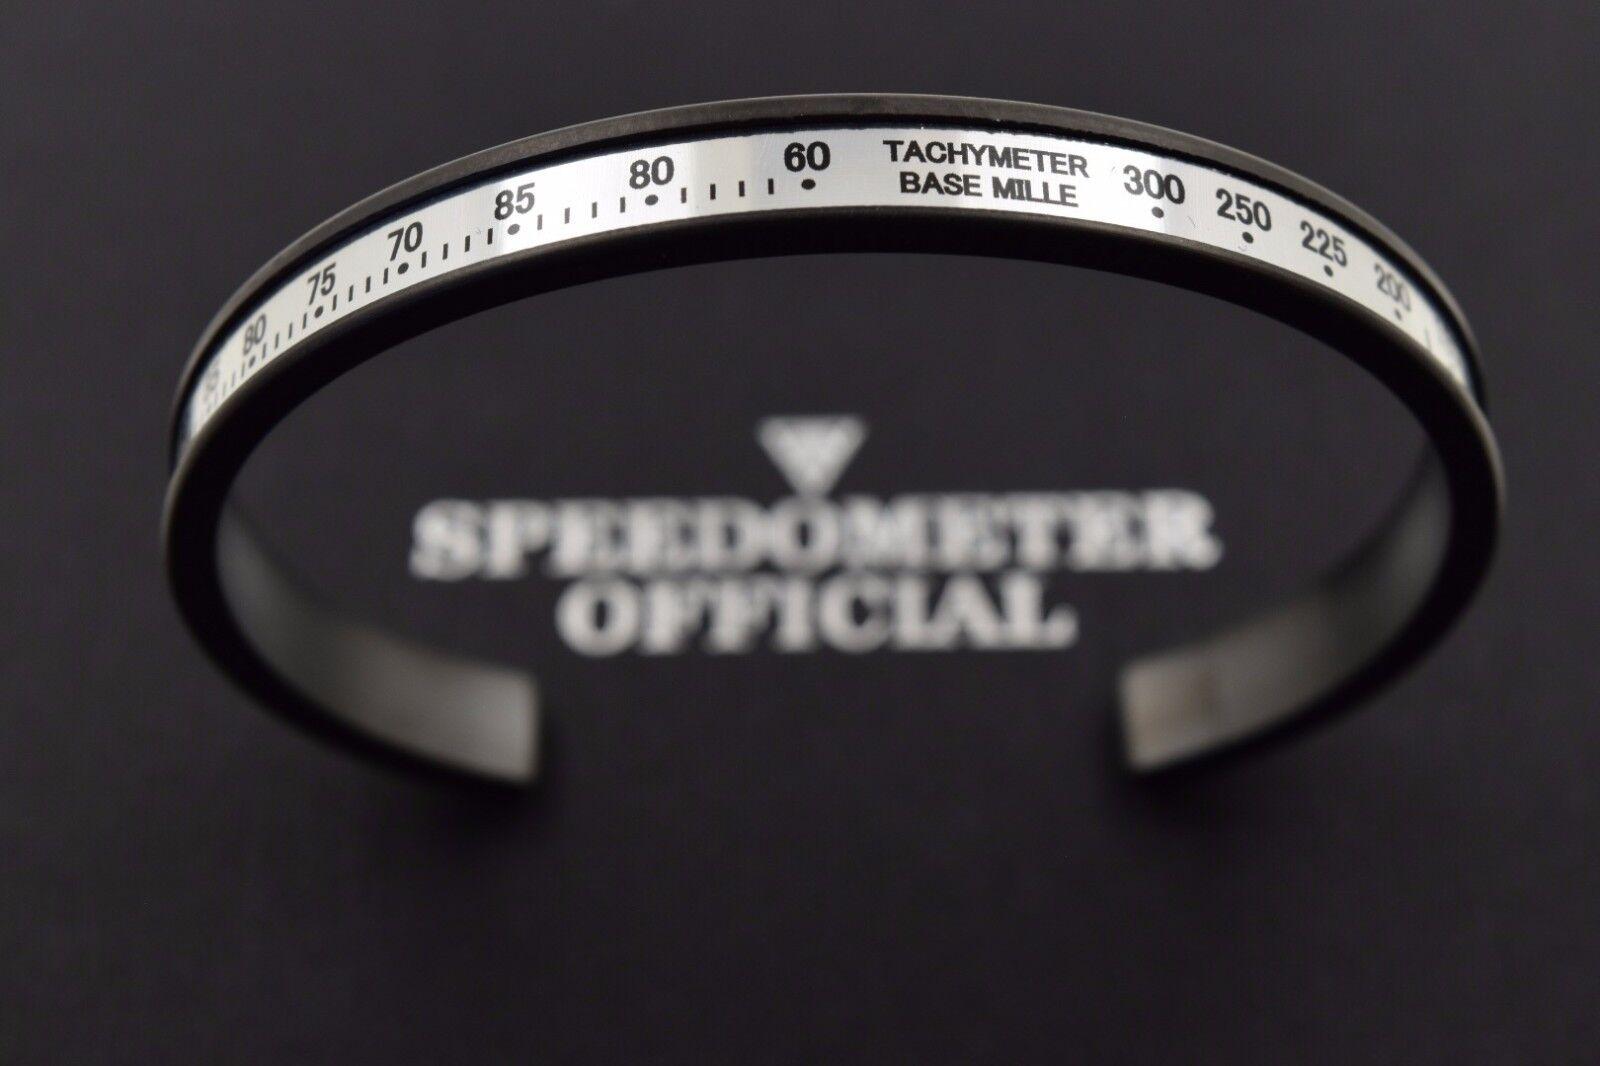 Speedometer Official Nero Dlc Acciaio con Bianco Bianco Bianco Inserto Chrono Bracciale Rigido 5865f0